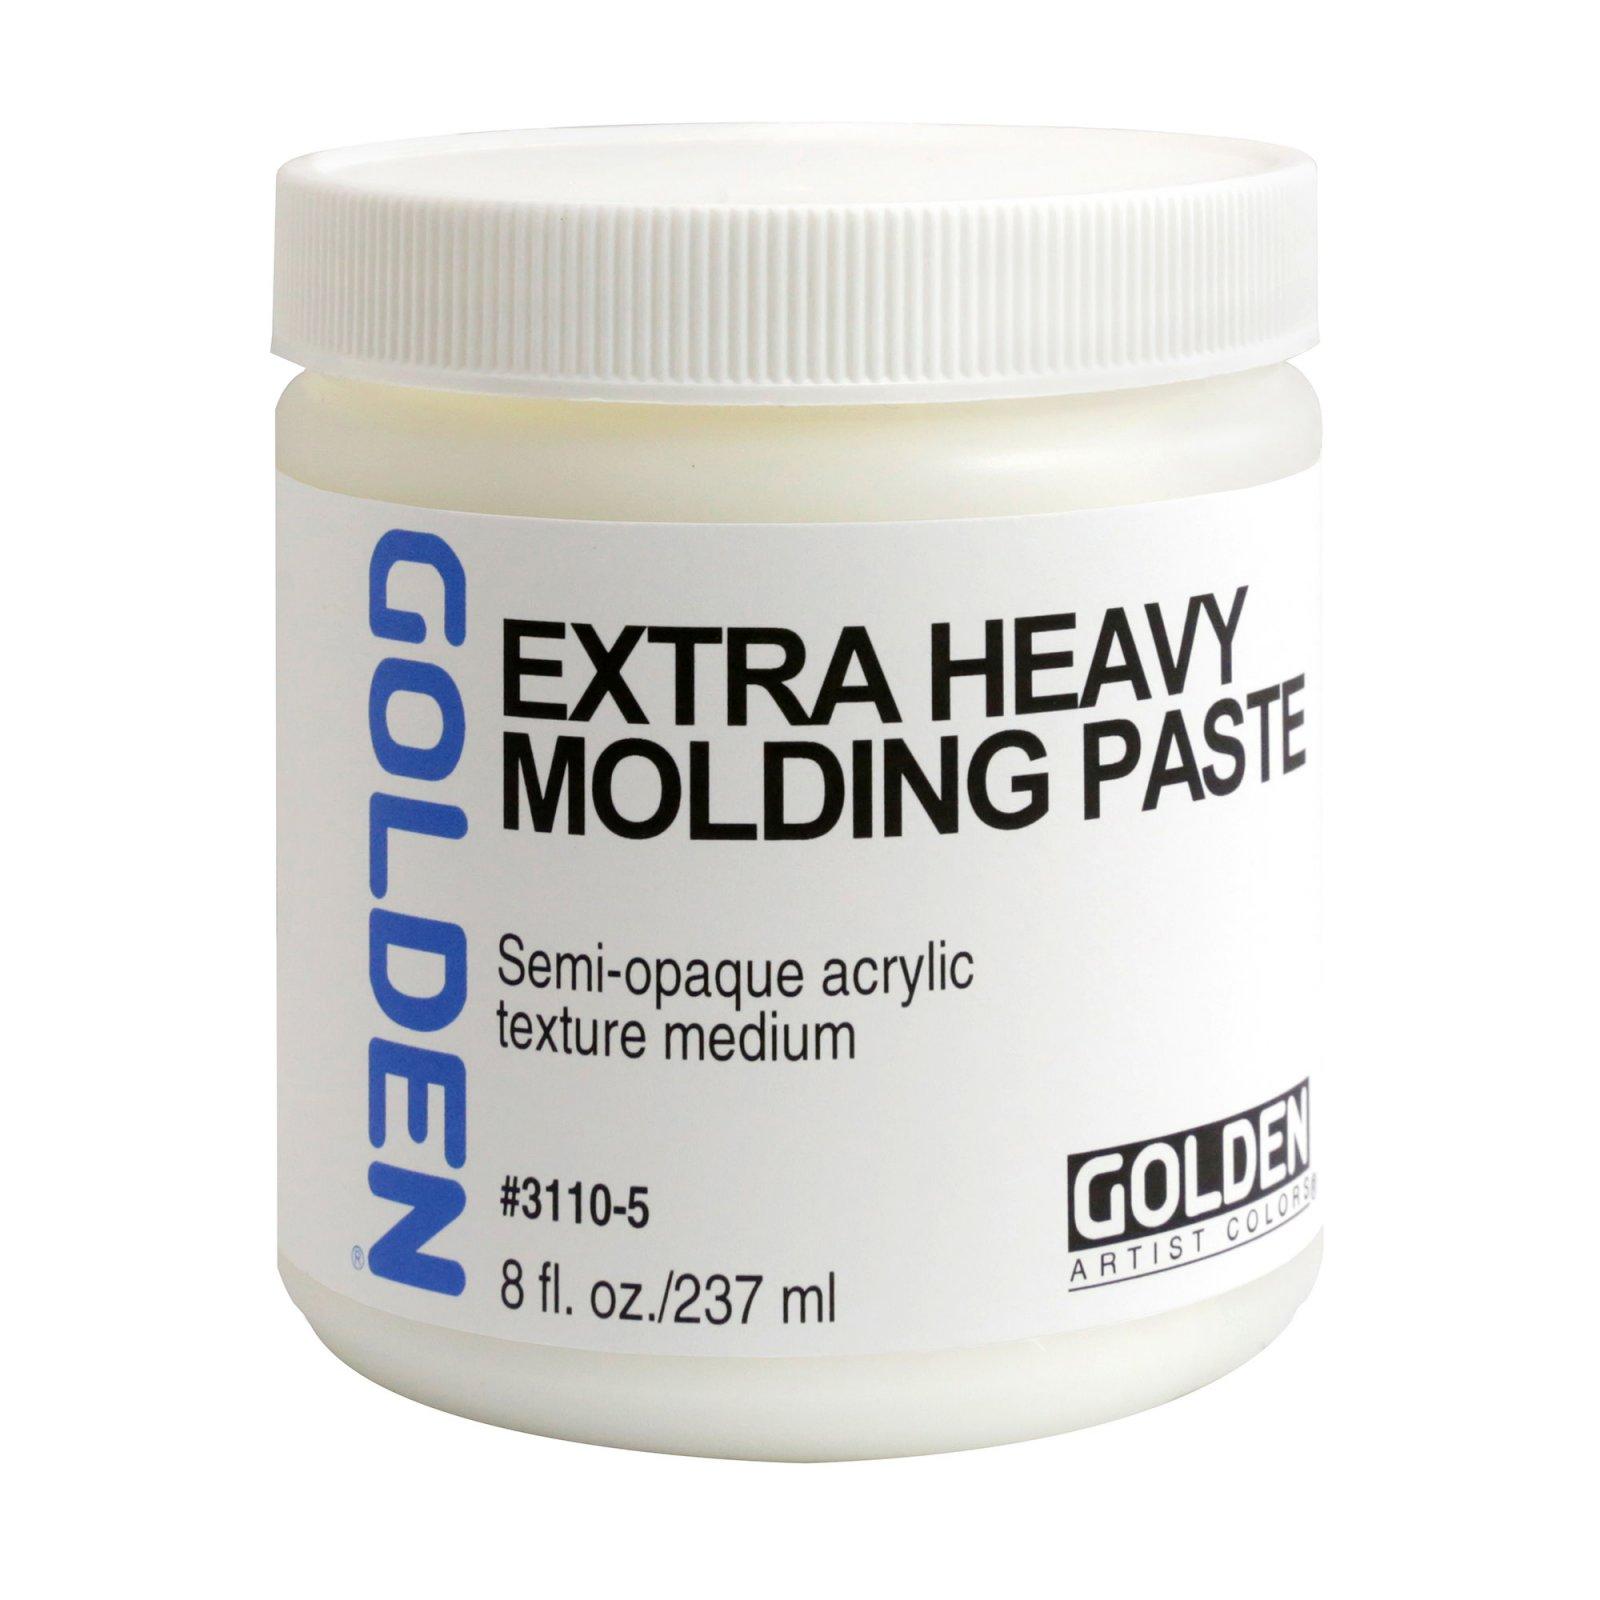 Extra Heavy Molding Paste, 8 oz.